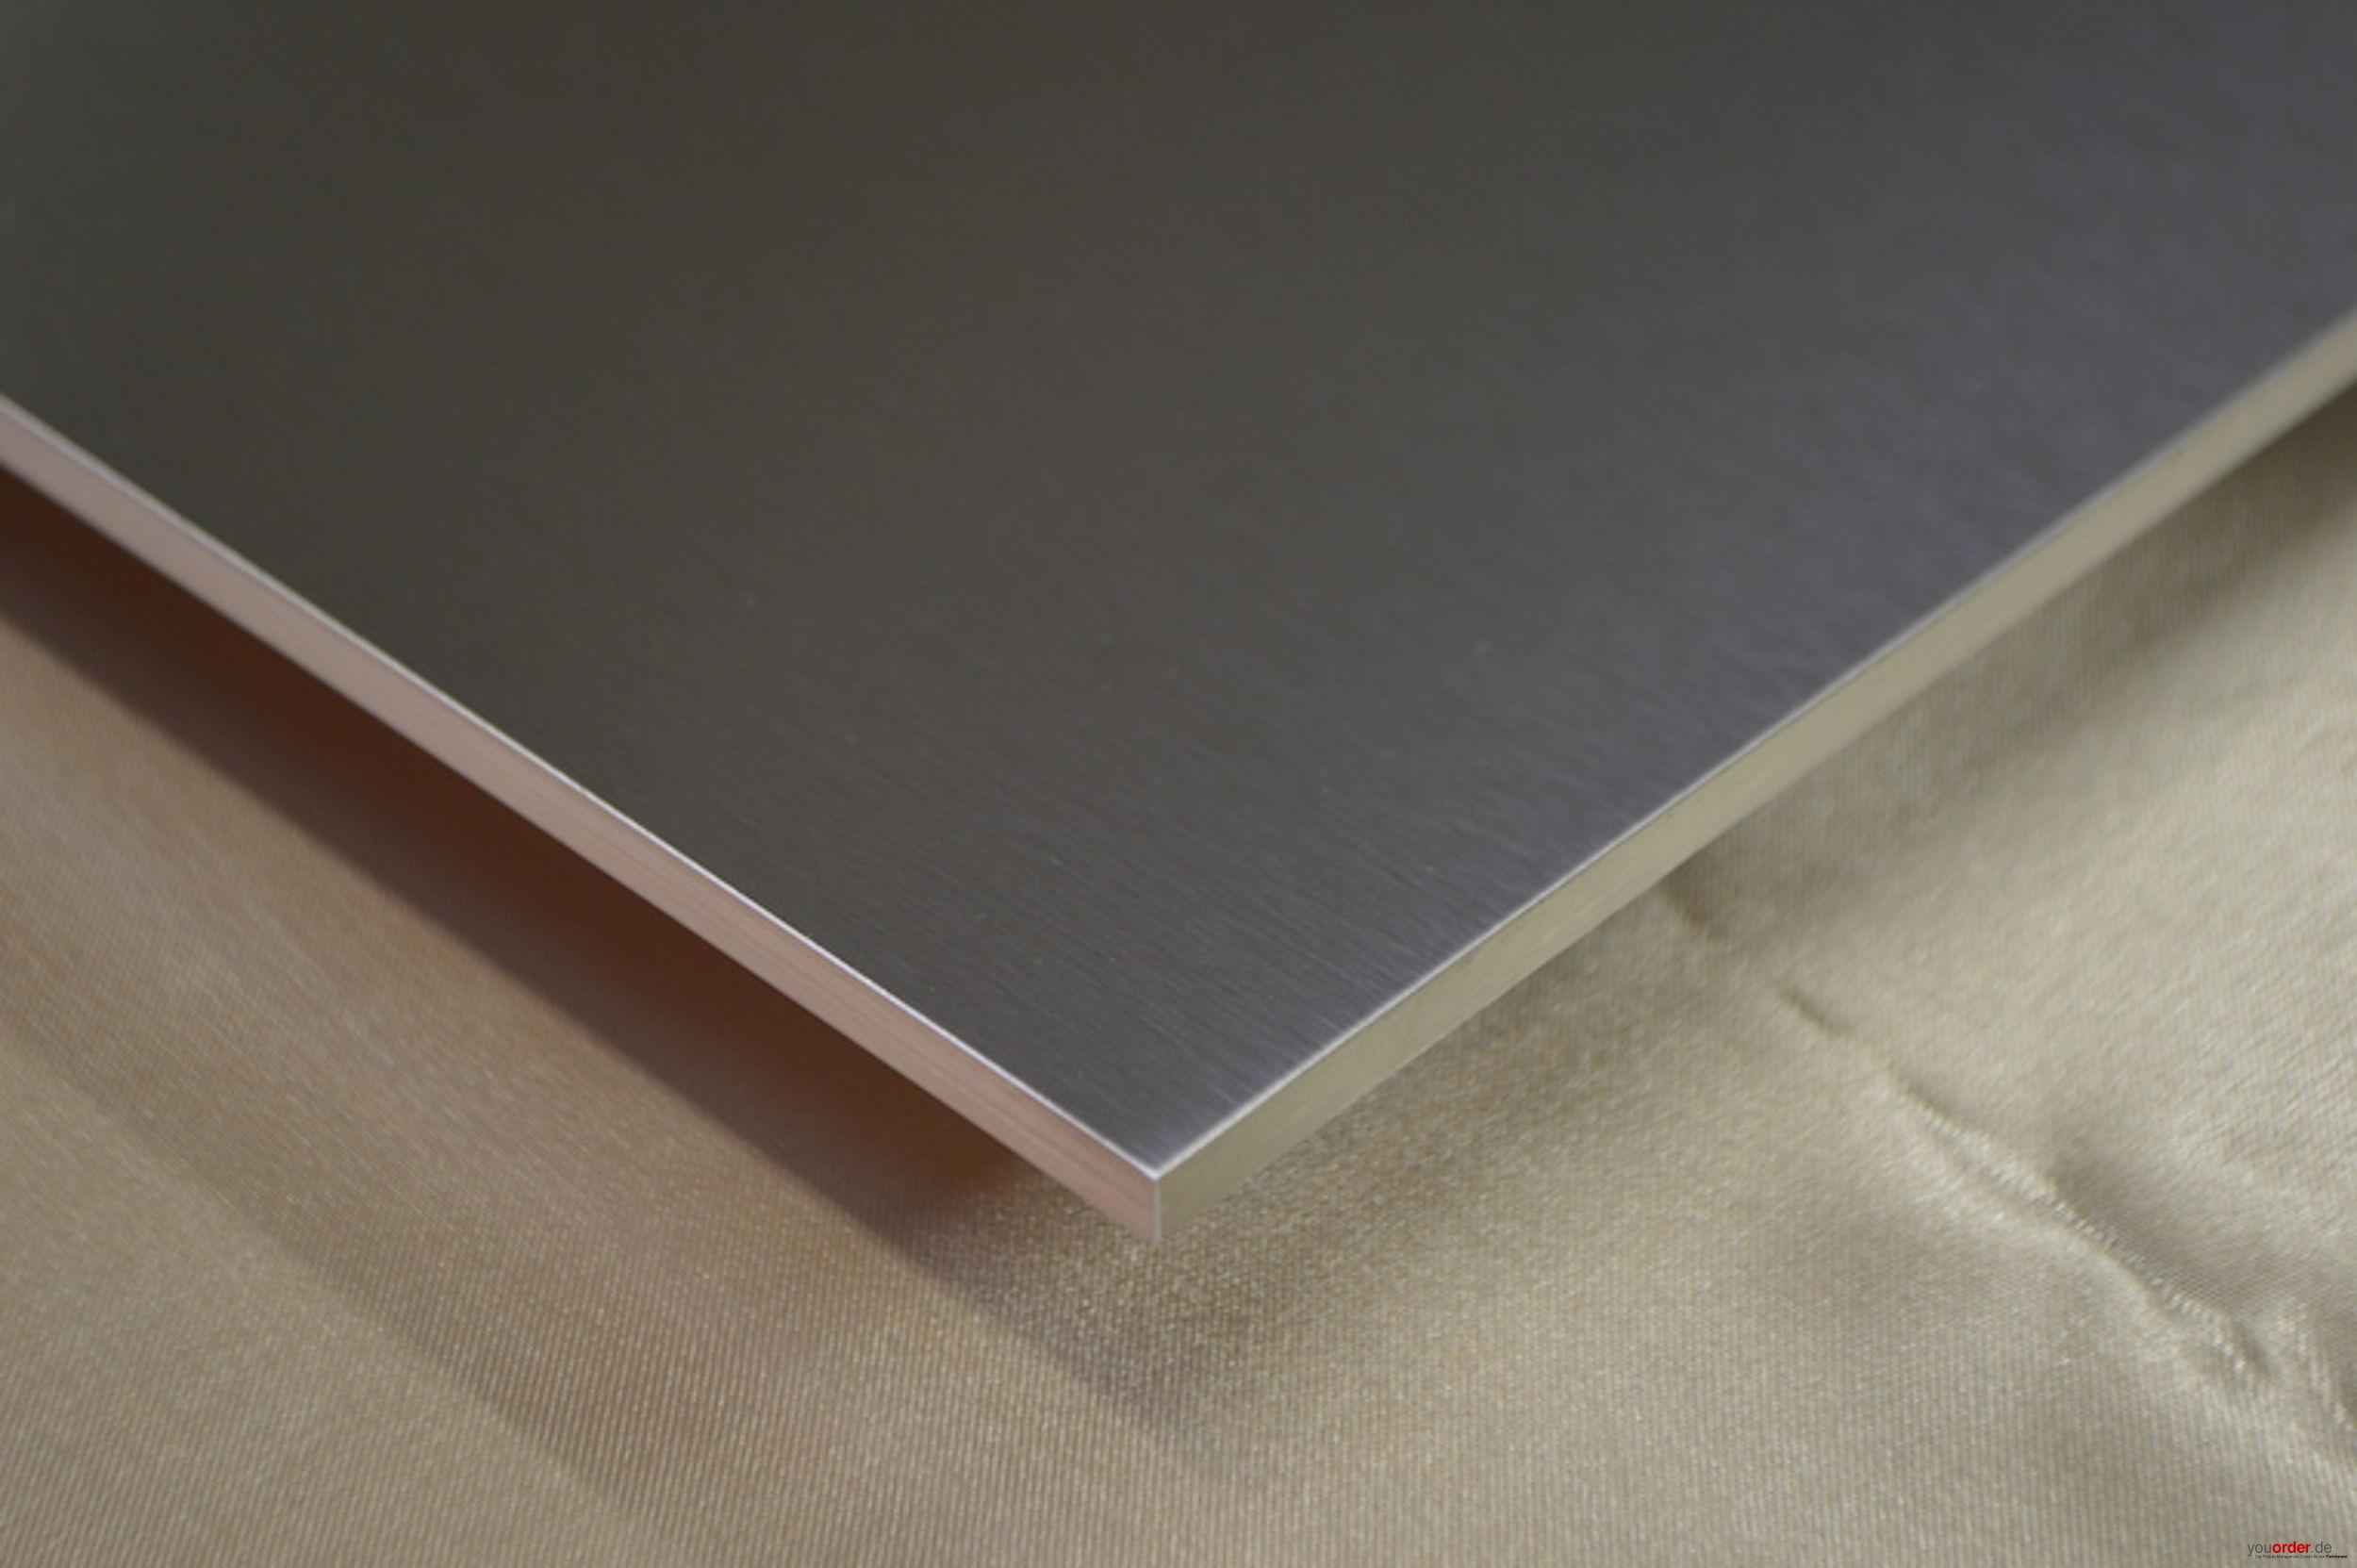 arbeitsplatte edelstahl 5mm massiv geschliffen youorder der partner zwischen hersteller und. Black Bedroom Furniture Sets. Home Design Ideas